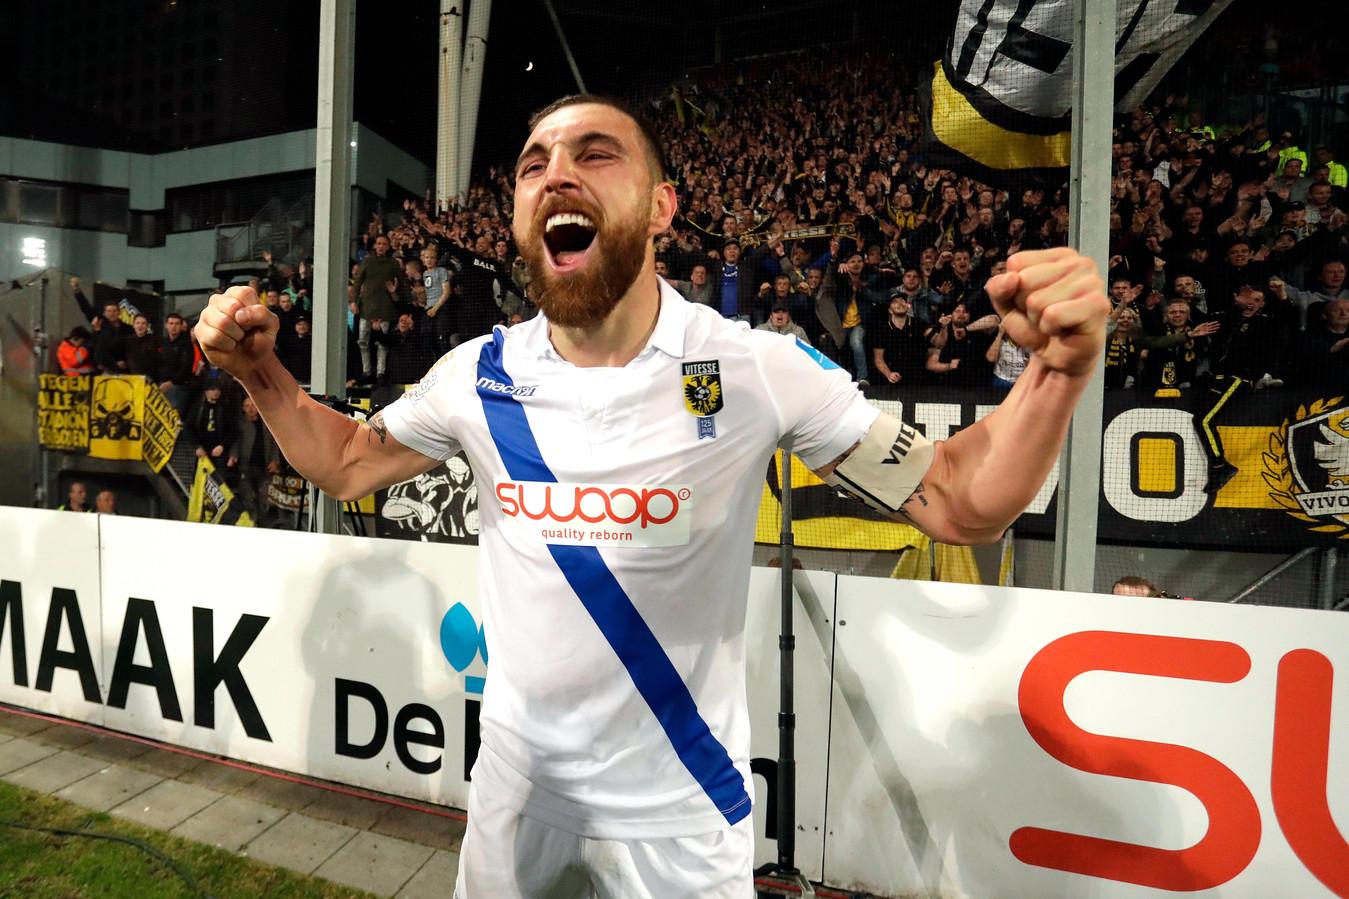 Toenmalig Vitesse-aanvoerder Guram Kashia vierde in 2018 na de play-offs voor een vol uitvak bij FC Utrecht het behalen van Europees voetbal. Zo willen Vitesse en de Supportersvereniging Vitesse het vaker zien.